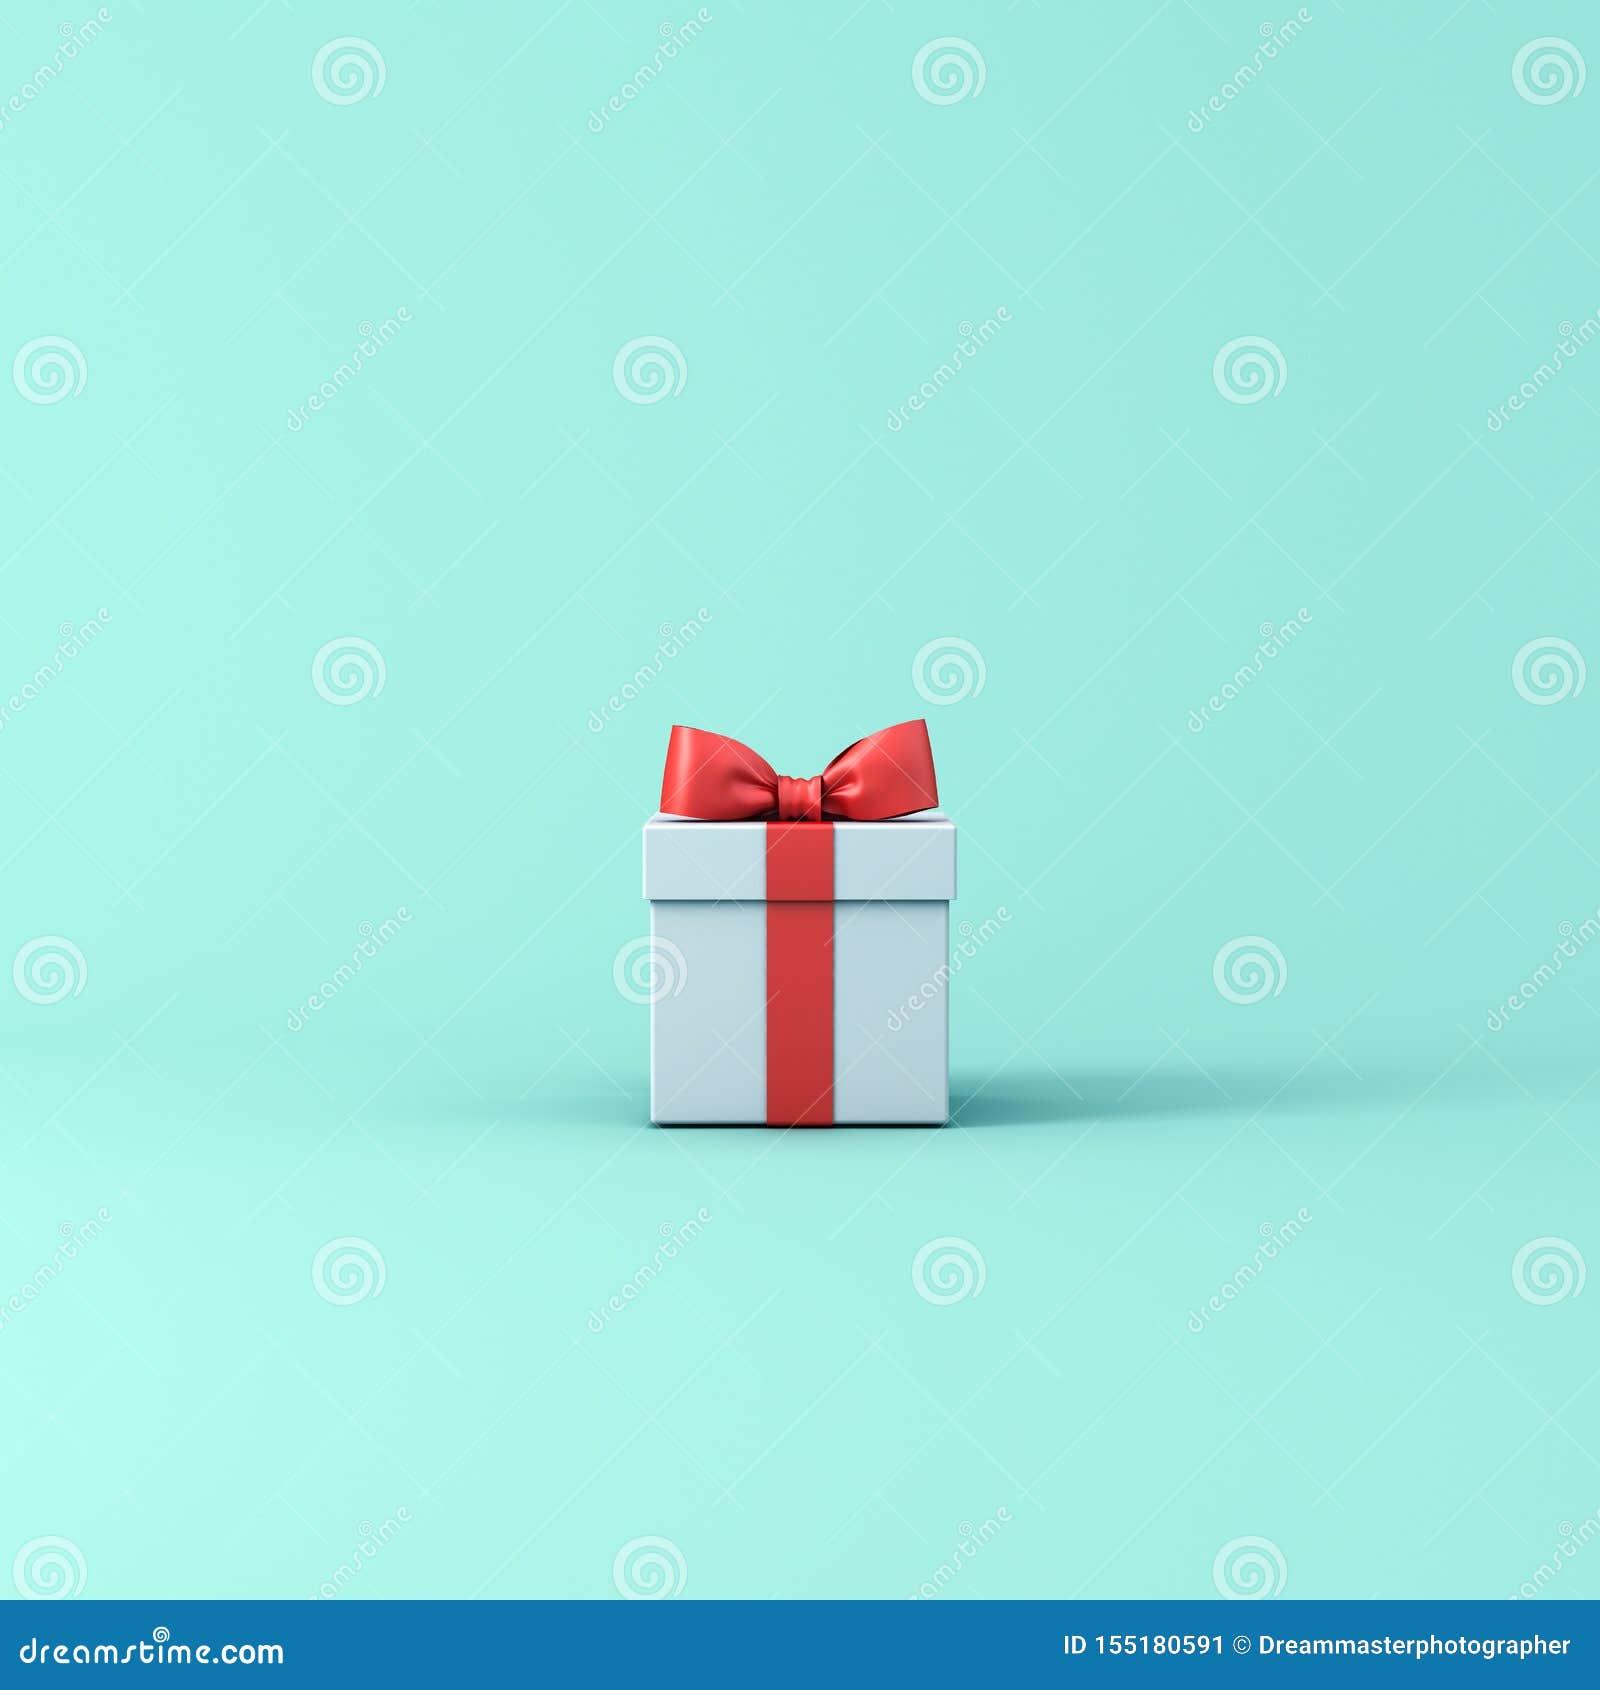 Κιβώτιο δώρων ή παρόν κιβώτιο με την κόκκινη κορδέλλα και τόξο που απομονώνεται στο ανοικτό μπλε πράσινο υπόβαθρο χρώματος κρητιδ